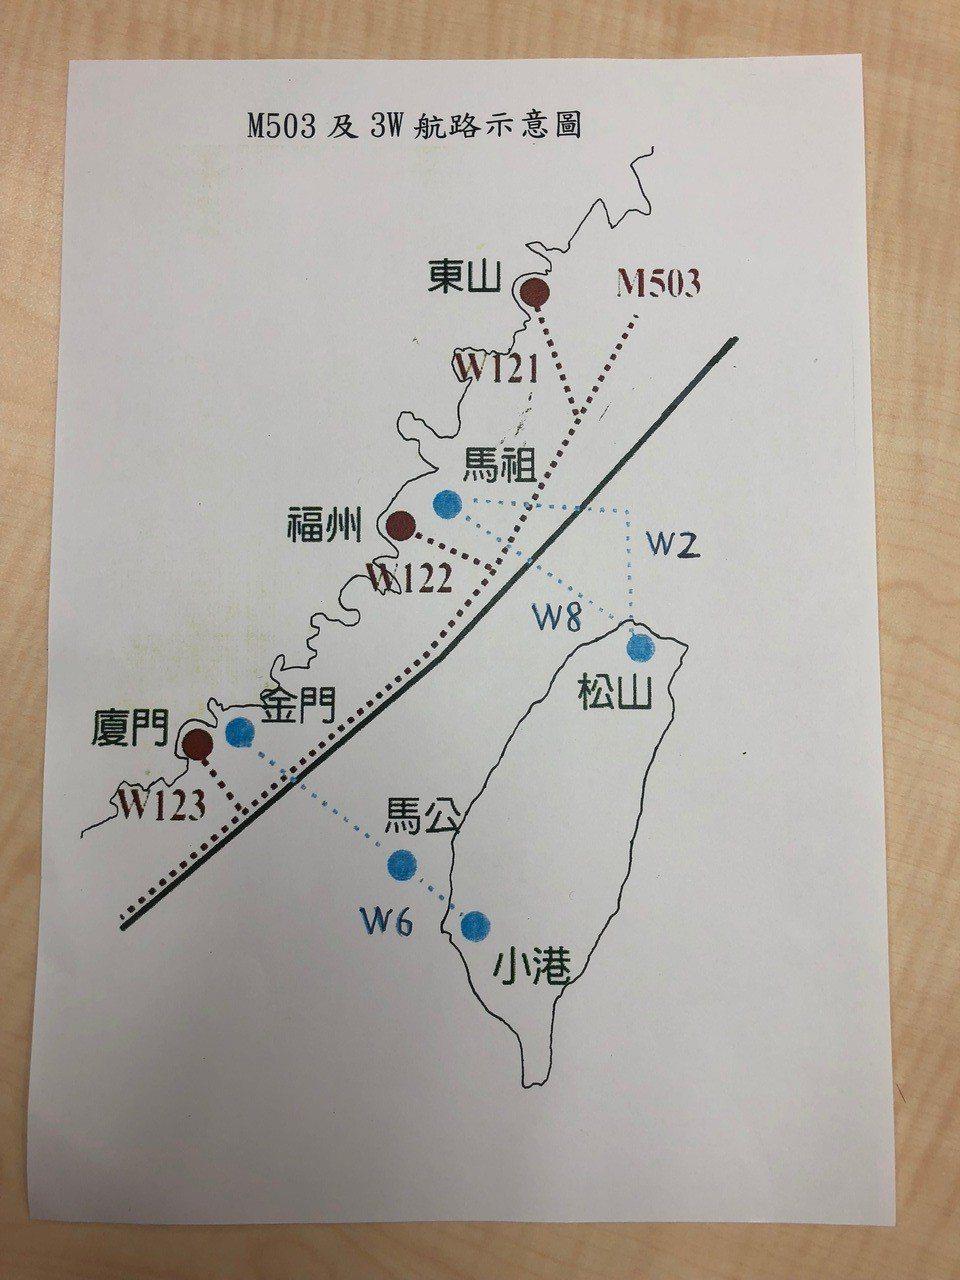 陸委會提供大陸片面啟用M503航線示意圖。記者許依晨/翻攝